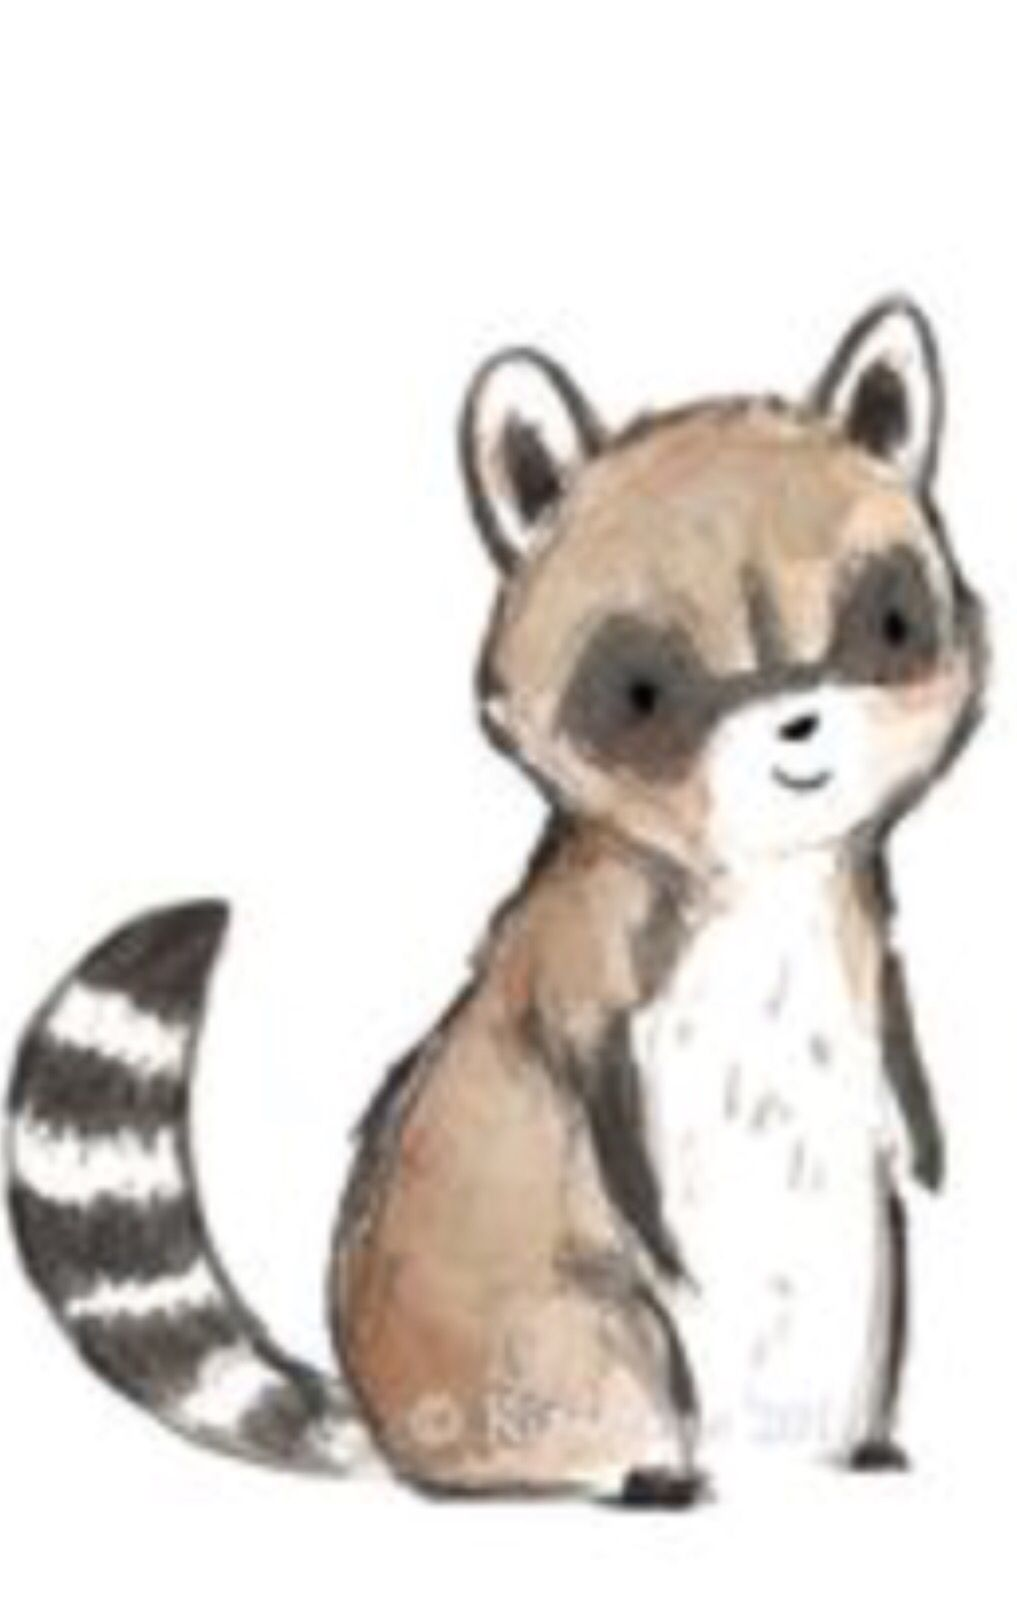 Cute Raccoon Drawing Art Easy Raccoon Drawing Cute Raccoon Drawings